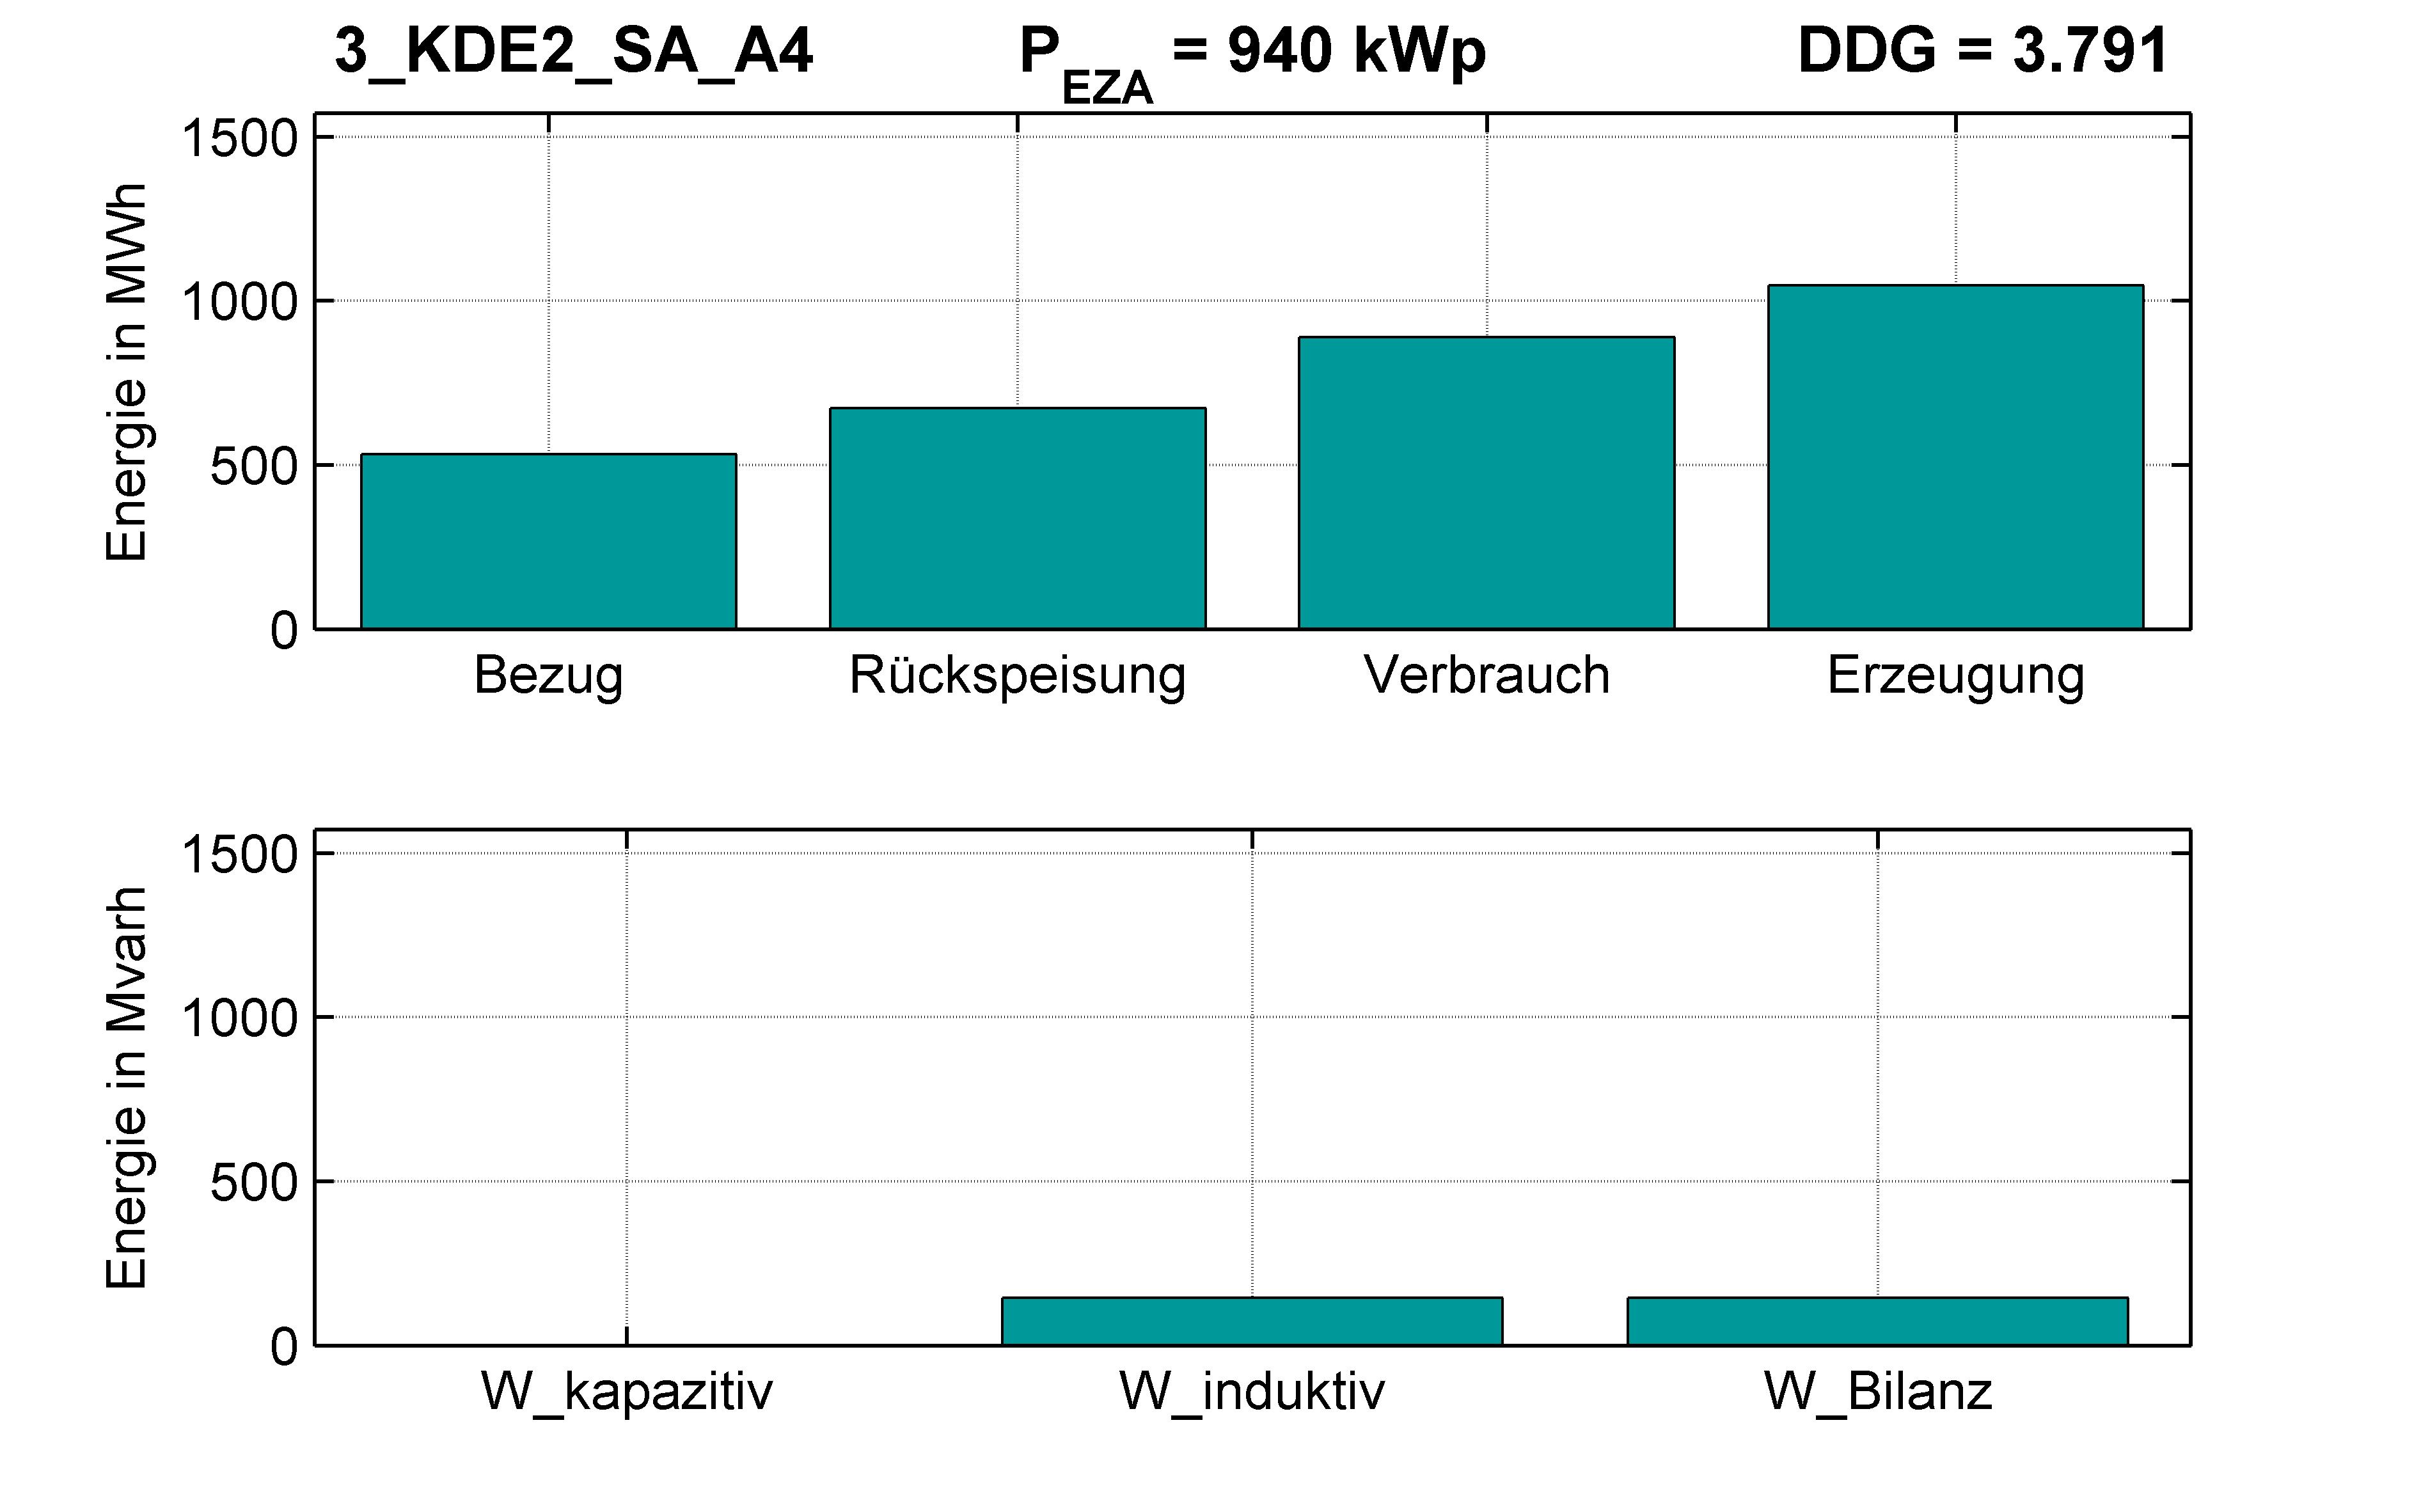 KDE2 | P-Kappung 70% (SA) A4 | PQ-Bilanz